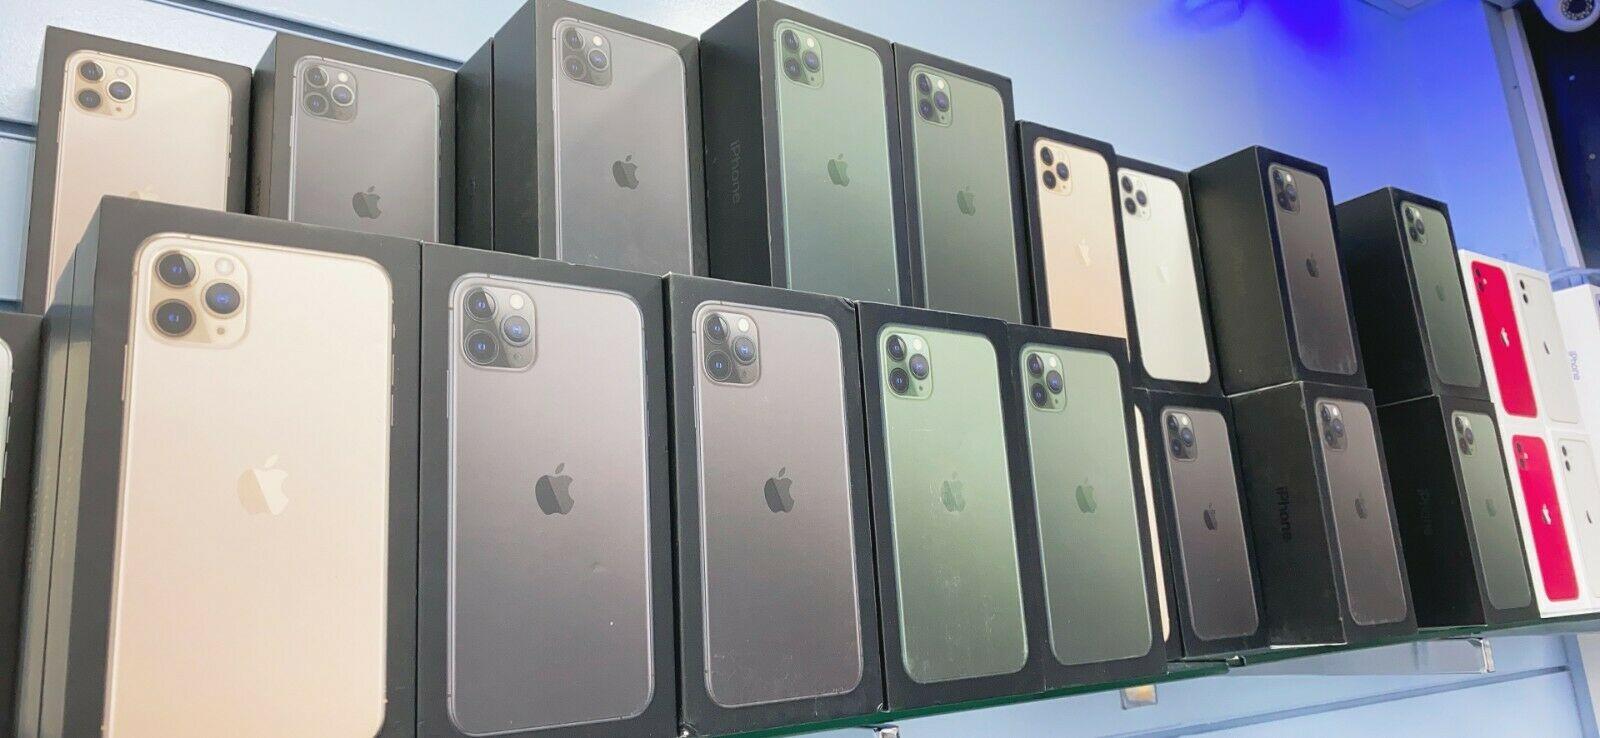 Ne kemi ofert pr t gjith Apple iPhone, Samsung Galaxy dhe produkt tjetr elektronik.